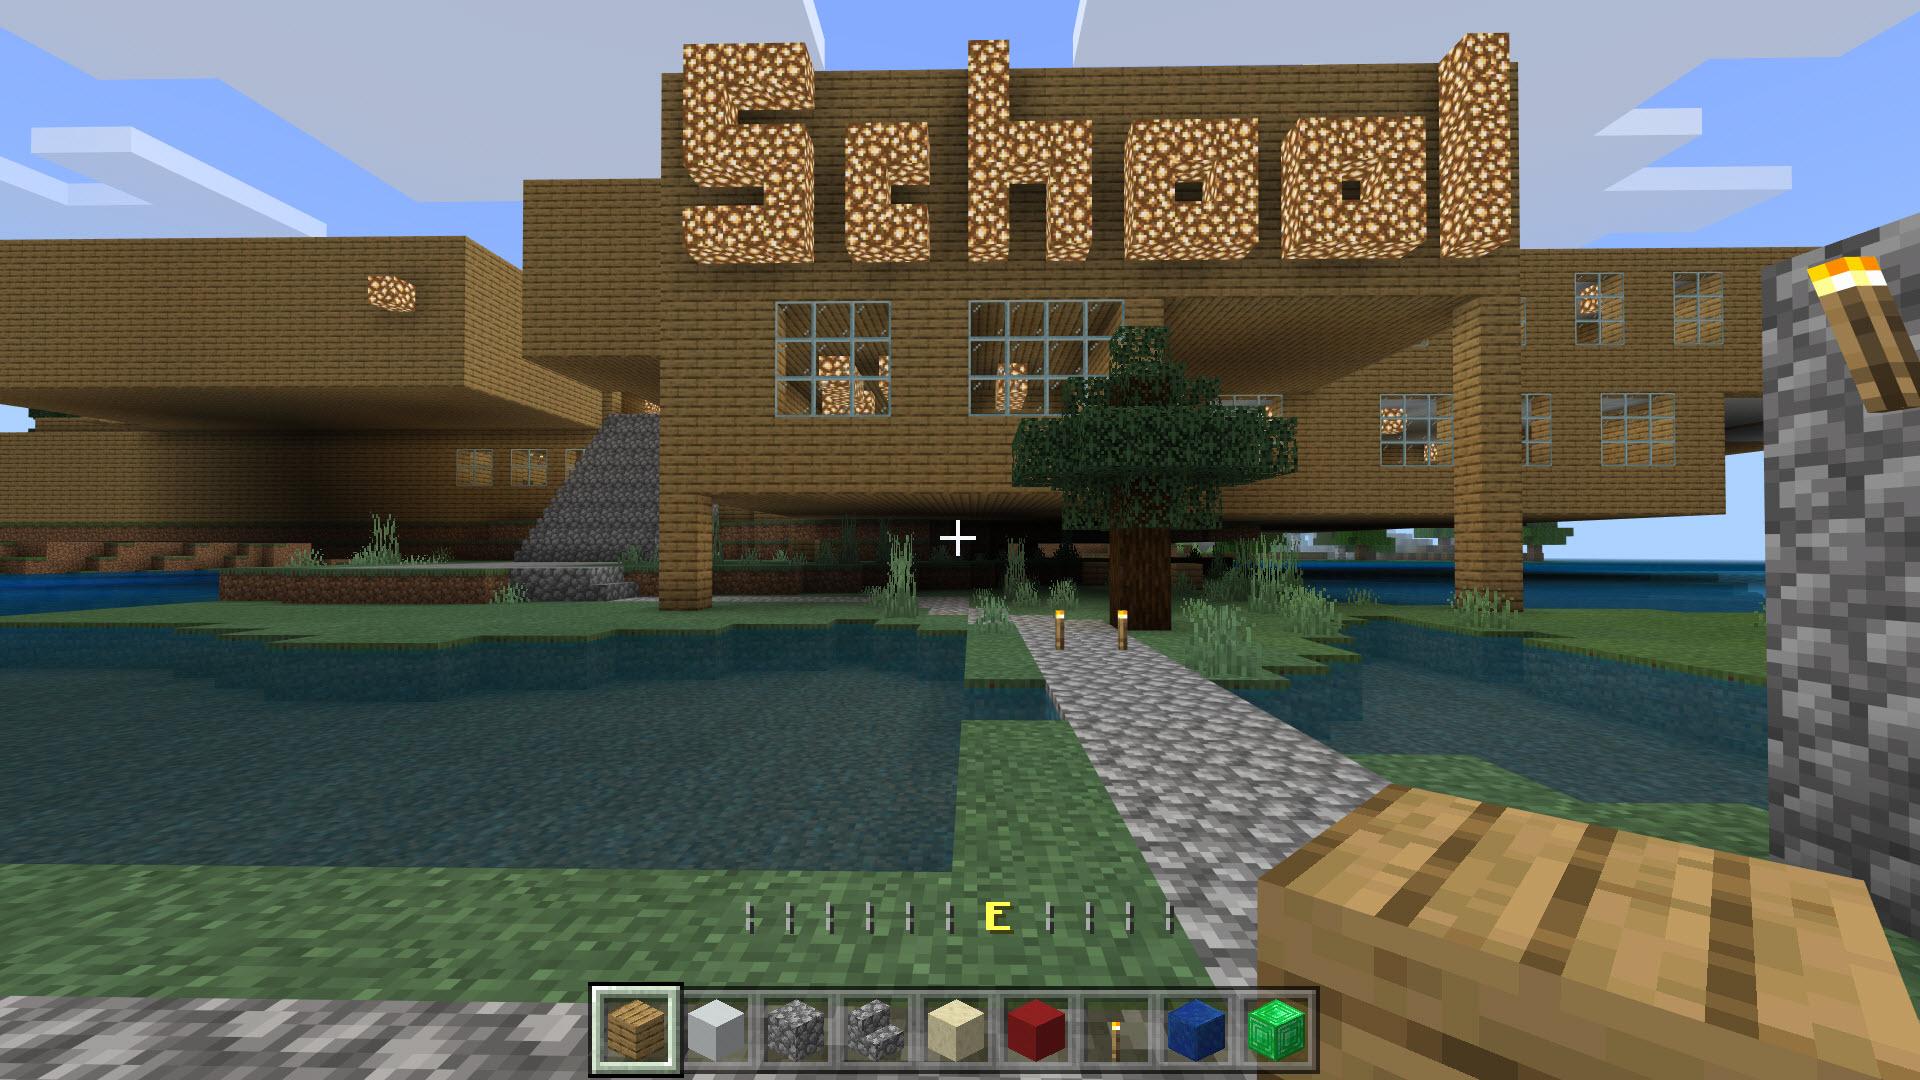 My Minecraft Creations - Week 2